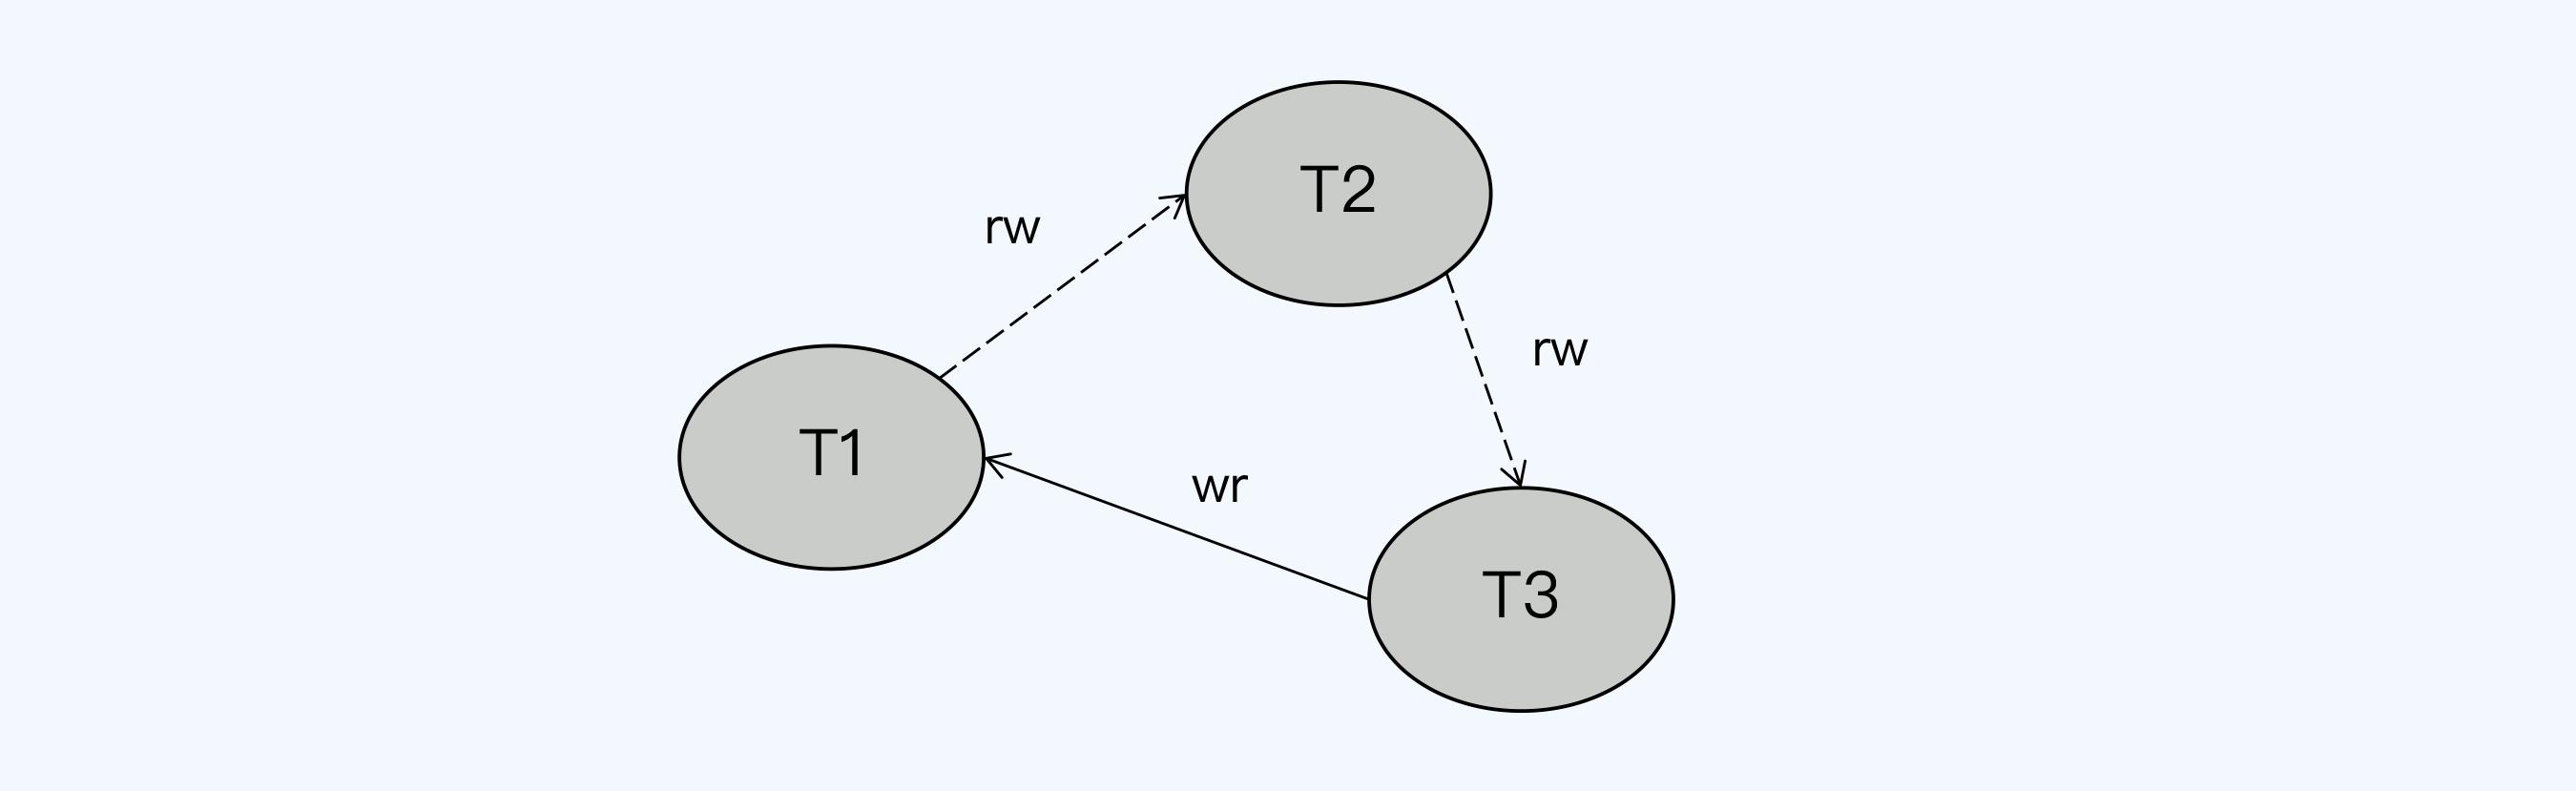 串行化图3